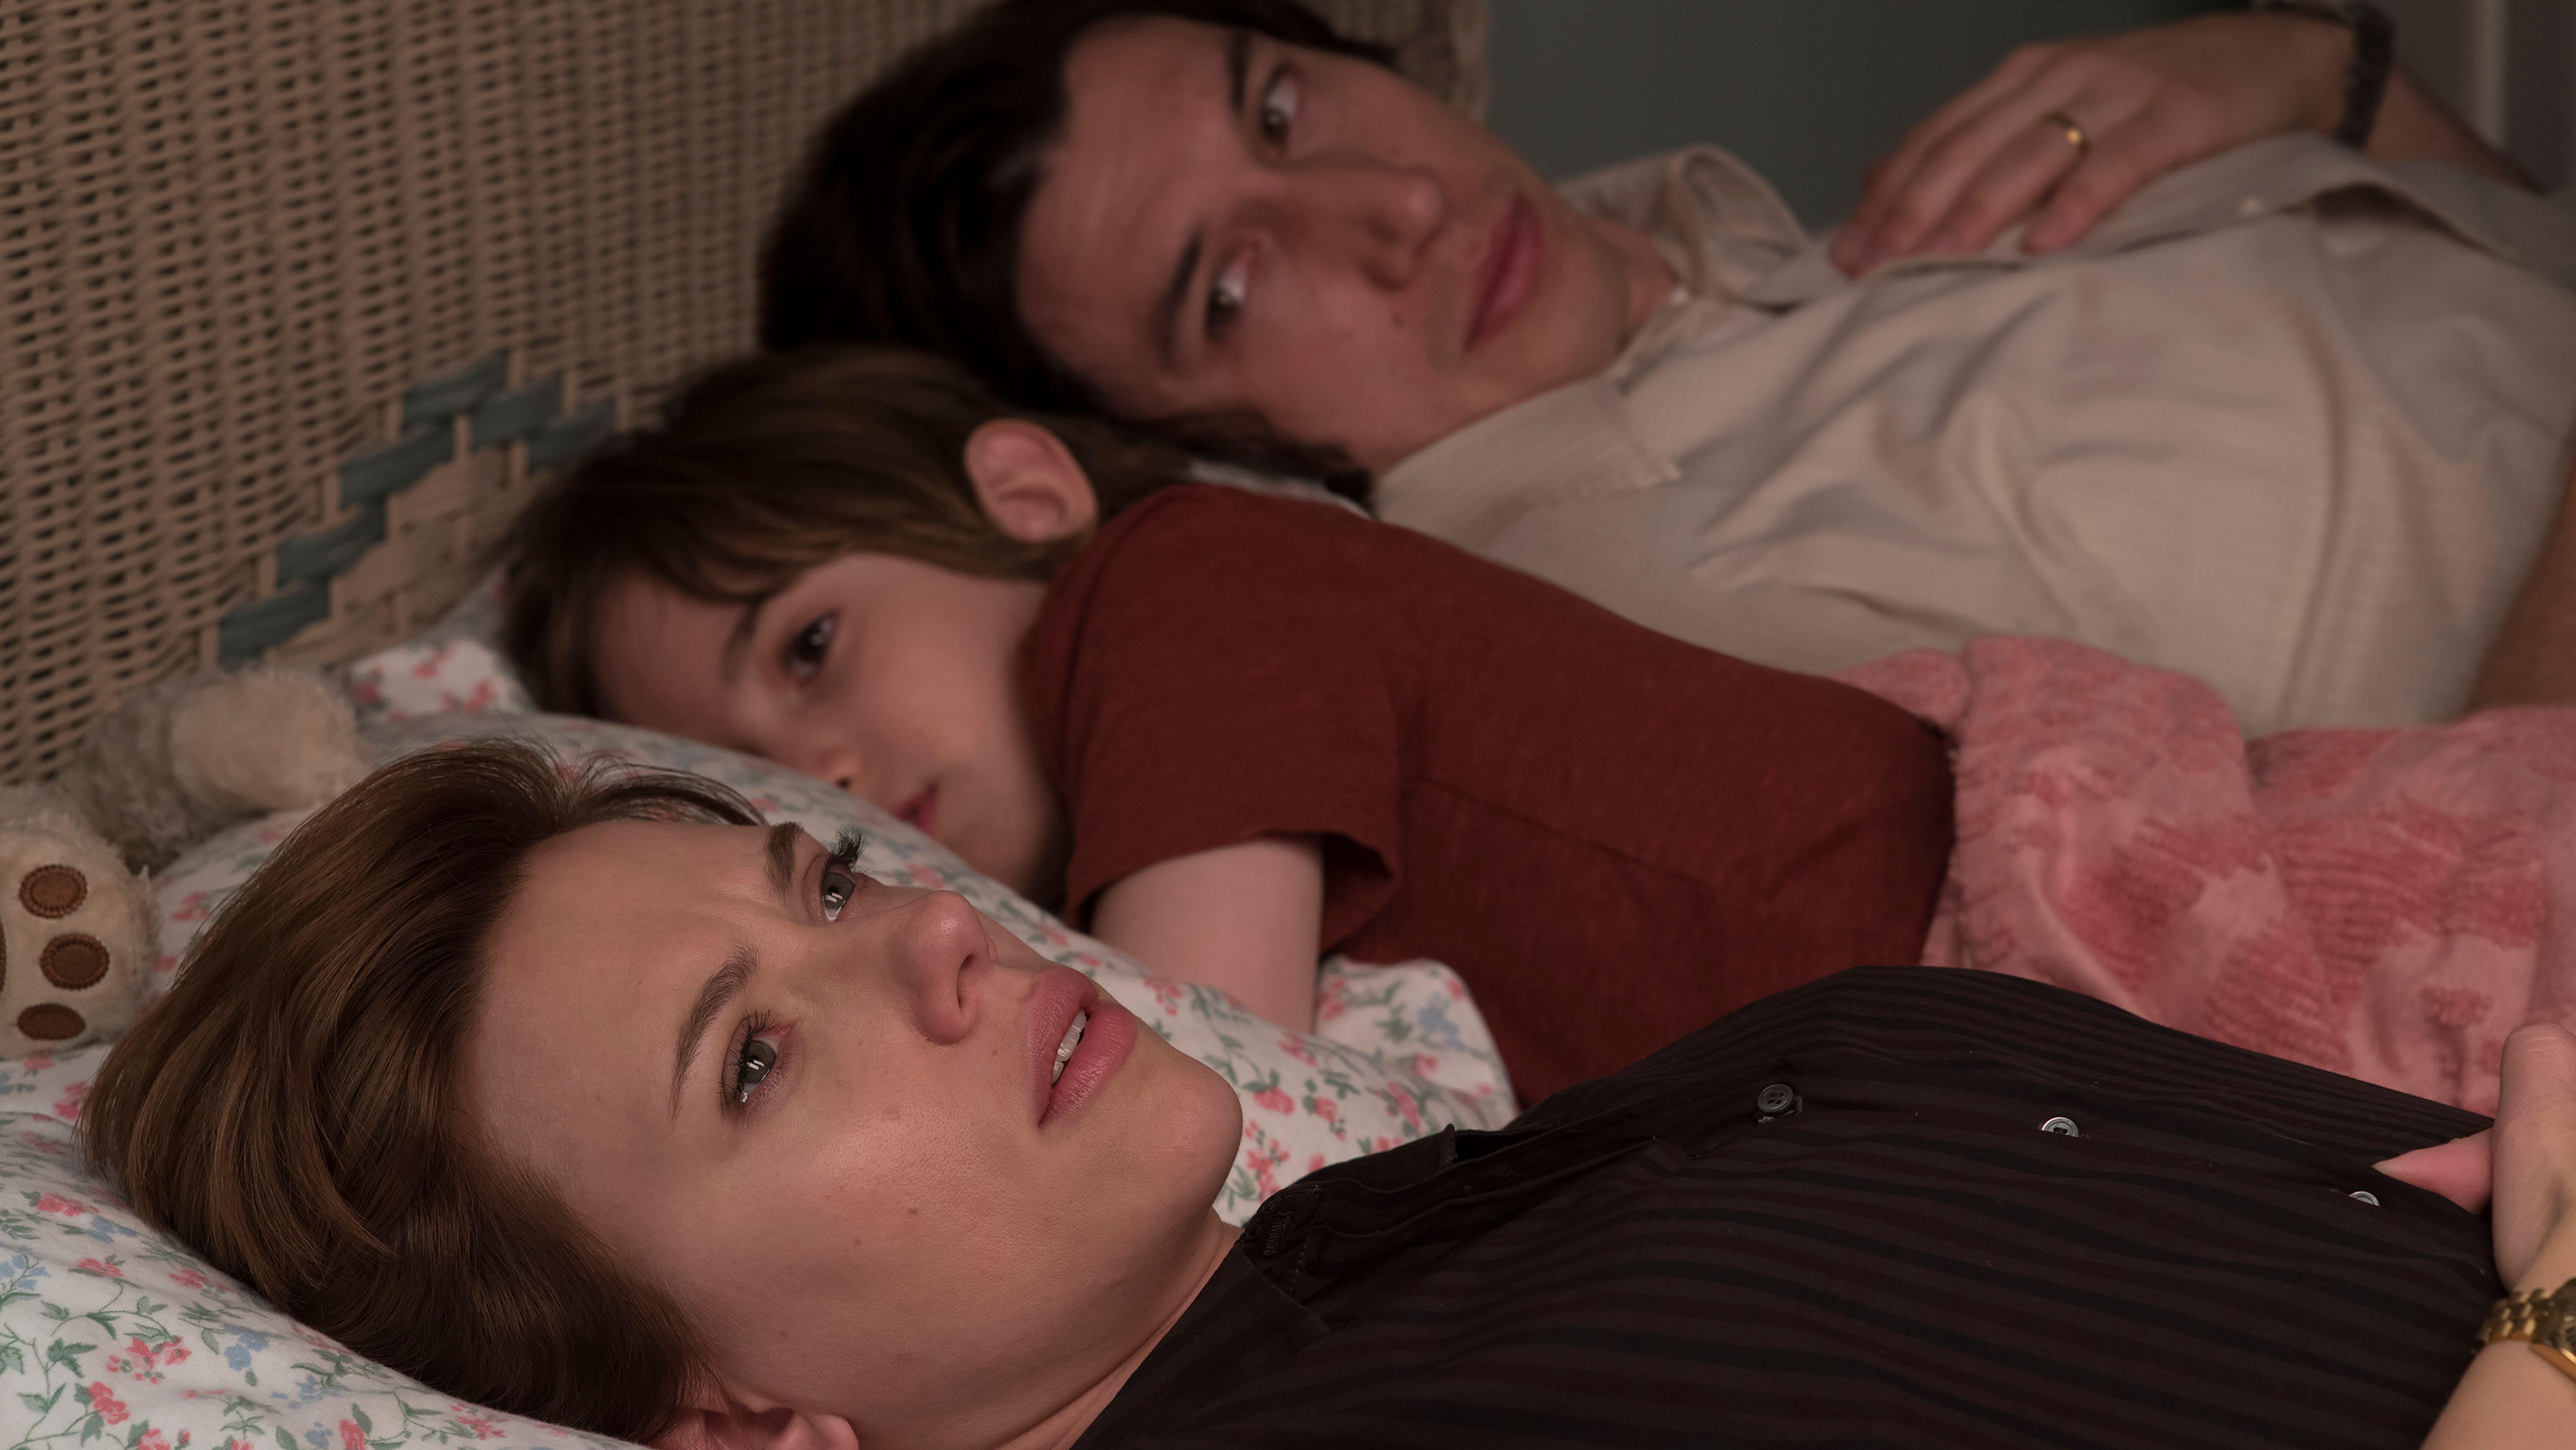 """Szene aus """"Marriage Story"""" von Noah Baumbach: Johansson und Adam Driver liegen mit ihrem Filmsohn im Bett und schauen traurig ins Leere"""